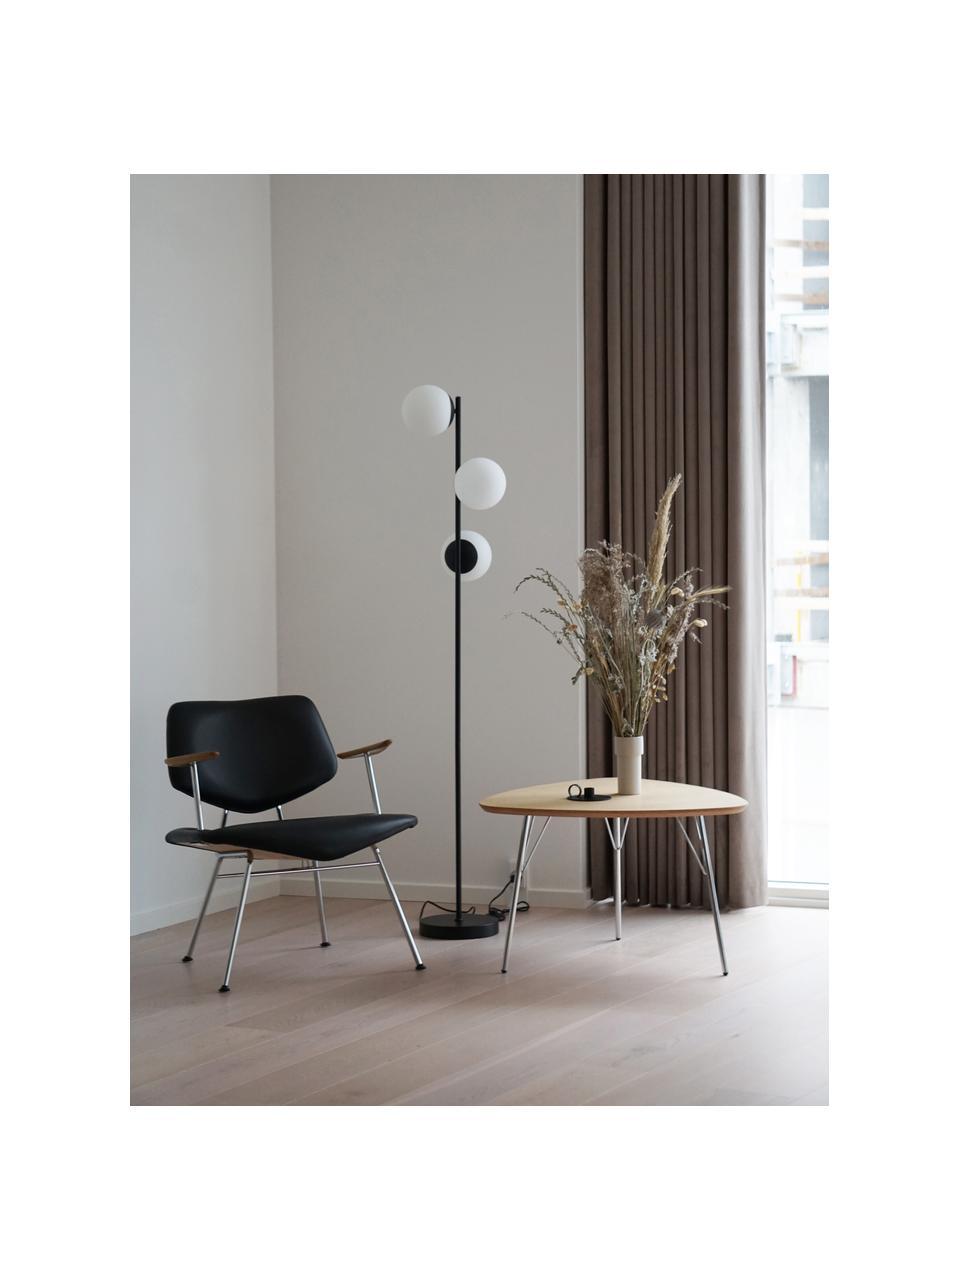 Stehlampe Lilly aus Opalglas, Lampenfuß: Metall, beschichtet, Schwarz, Weiß, Ø 30 x H 150 cm